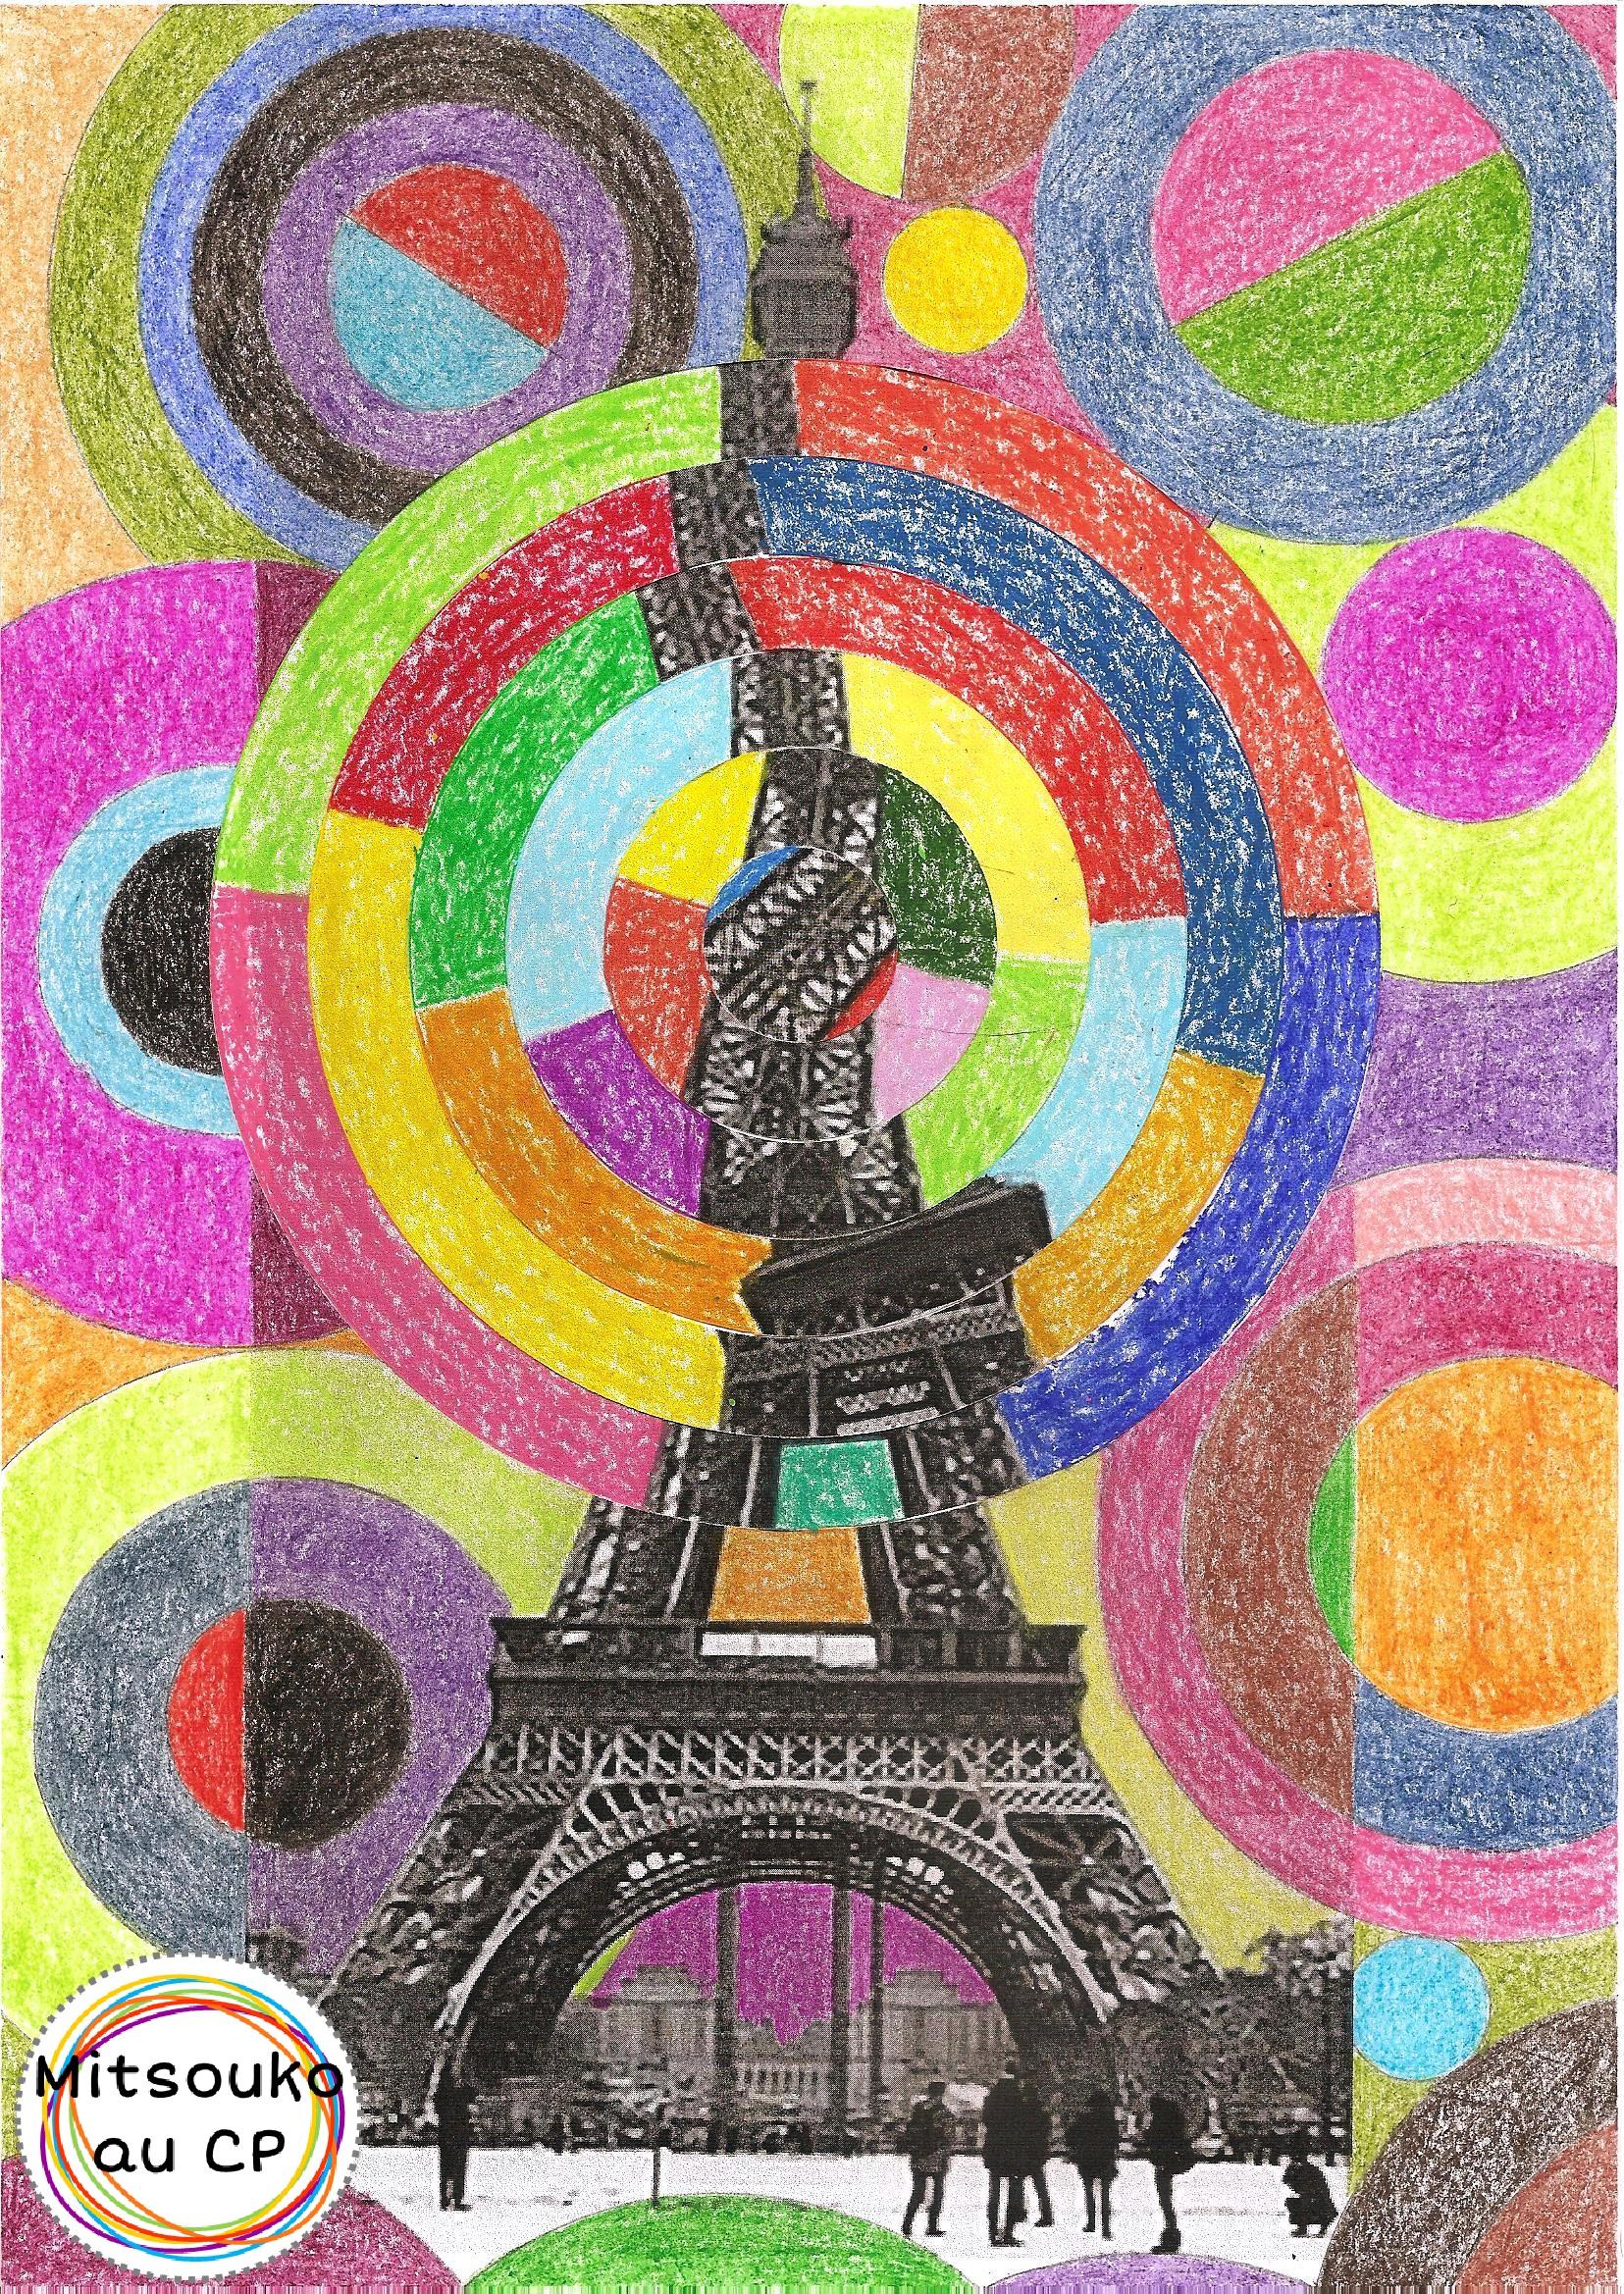 Vertigineuse tour Eiffel de Robert Delaunay - Mitsouko à l'école